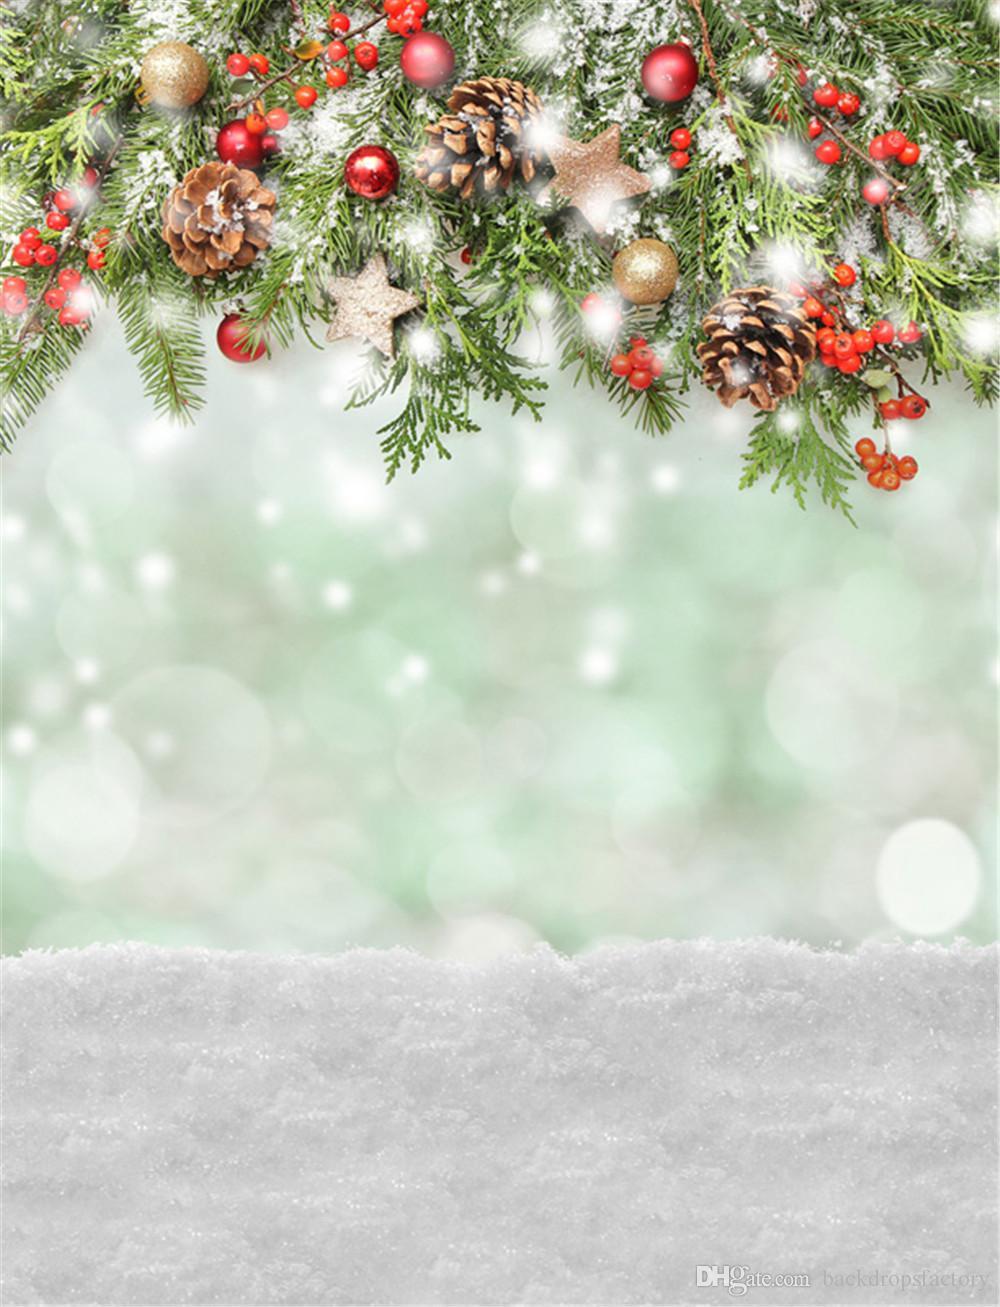 Hintergrund Weihnachten.Weihnachten Hintergrund Weihnachten 2019